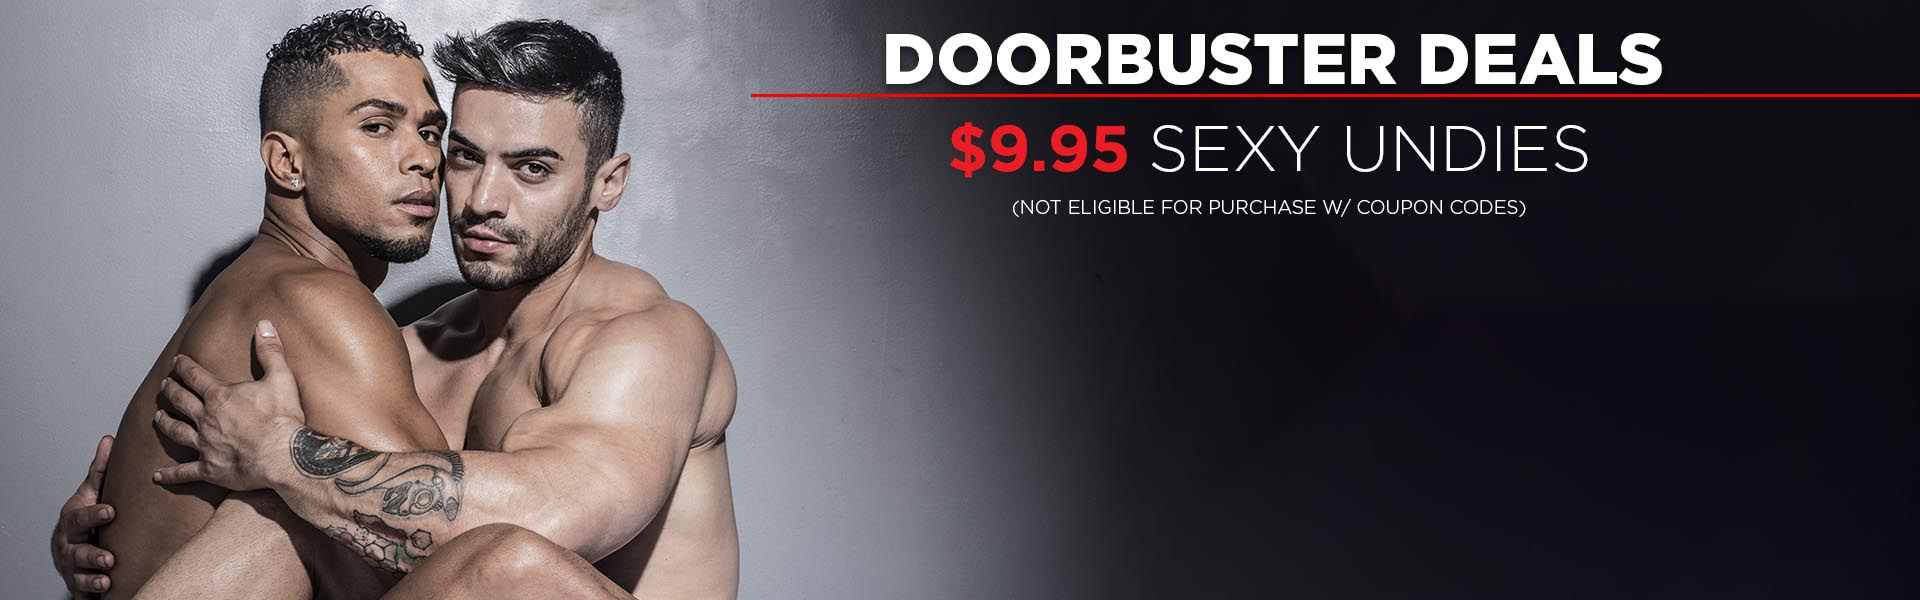 DOORBUSTER$